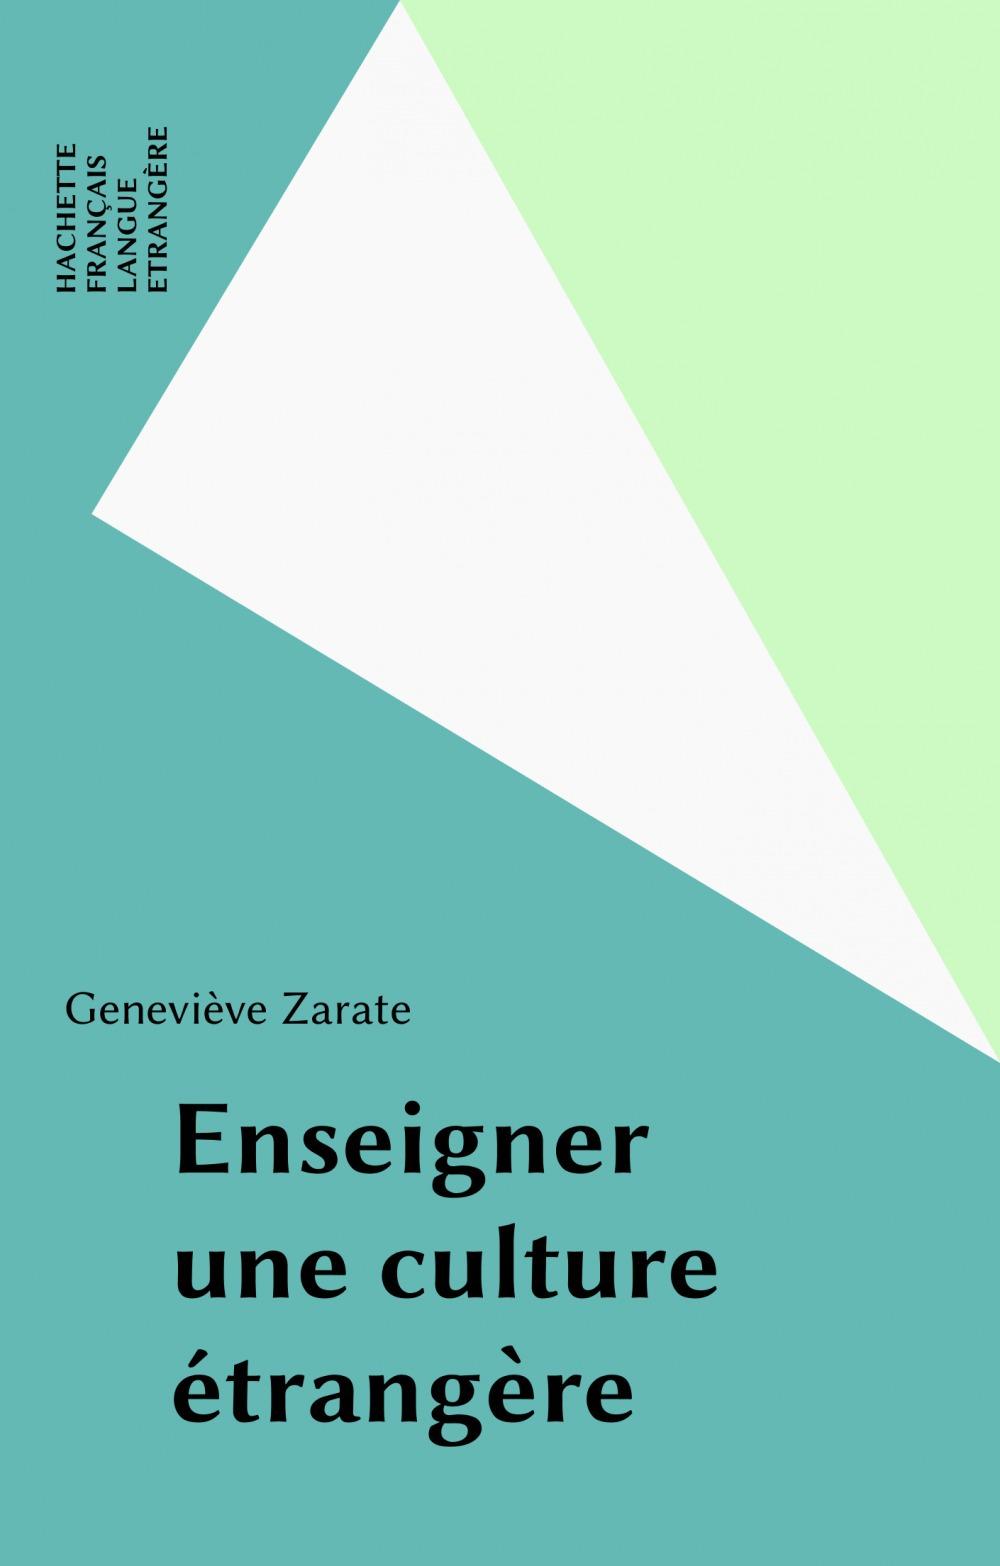 Enseigner une culture étrangère